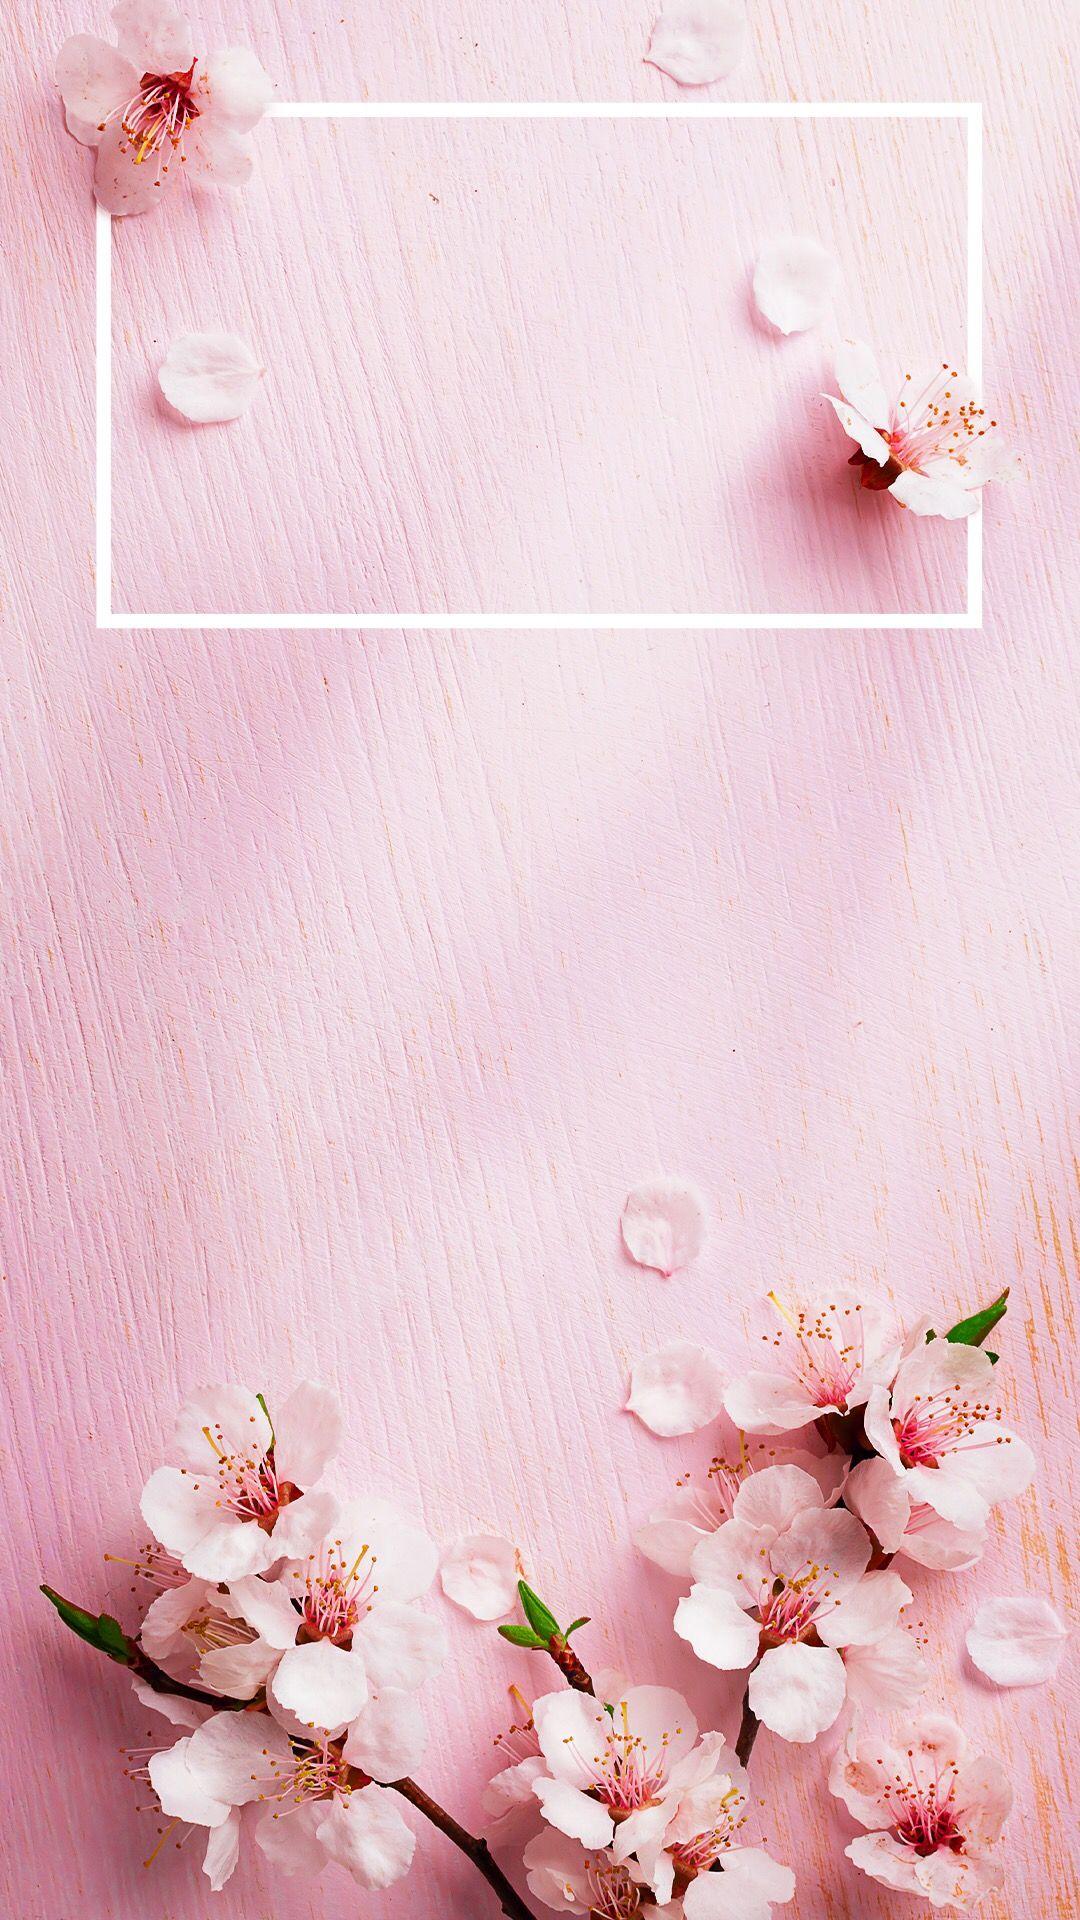 Top Wallpaper Home Screen Rose Gold - 7d3eaa2efe169c01f97d9d9b94b09e53  You Should Have_644964.jpg